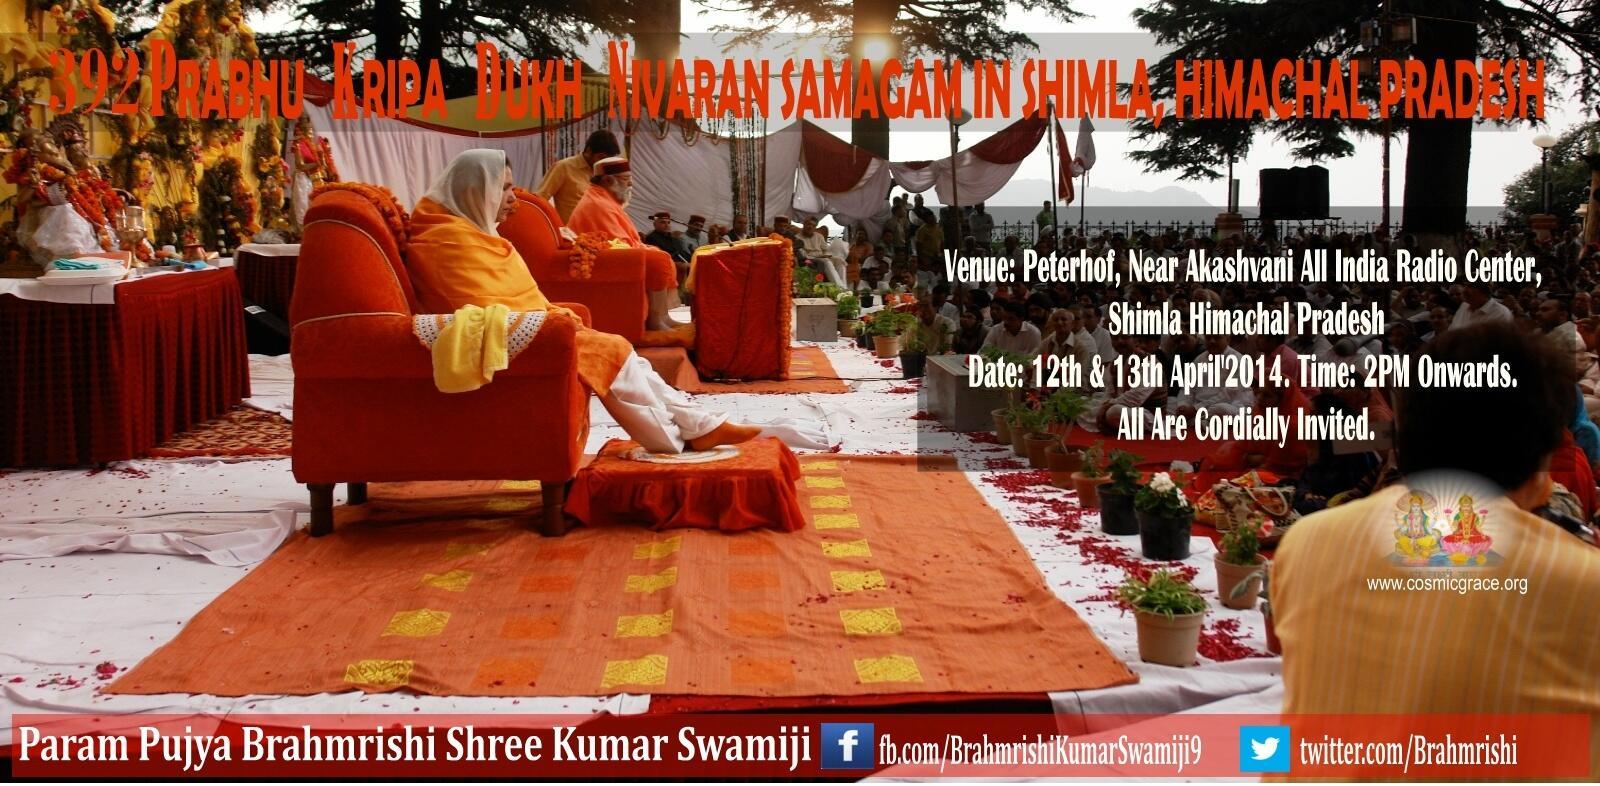 392th #PrabhuKripaDukhNivaranSamagam 12-13Apr, Peterhof, Near Akashvani All India RadioCenter,Shimla HP 01149945995 http://t.co/N6QCukVZR9